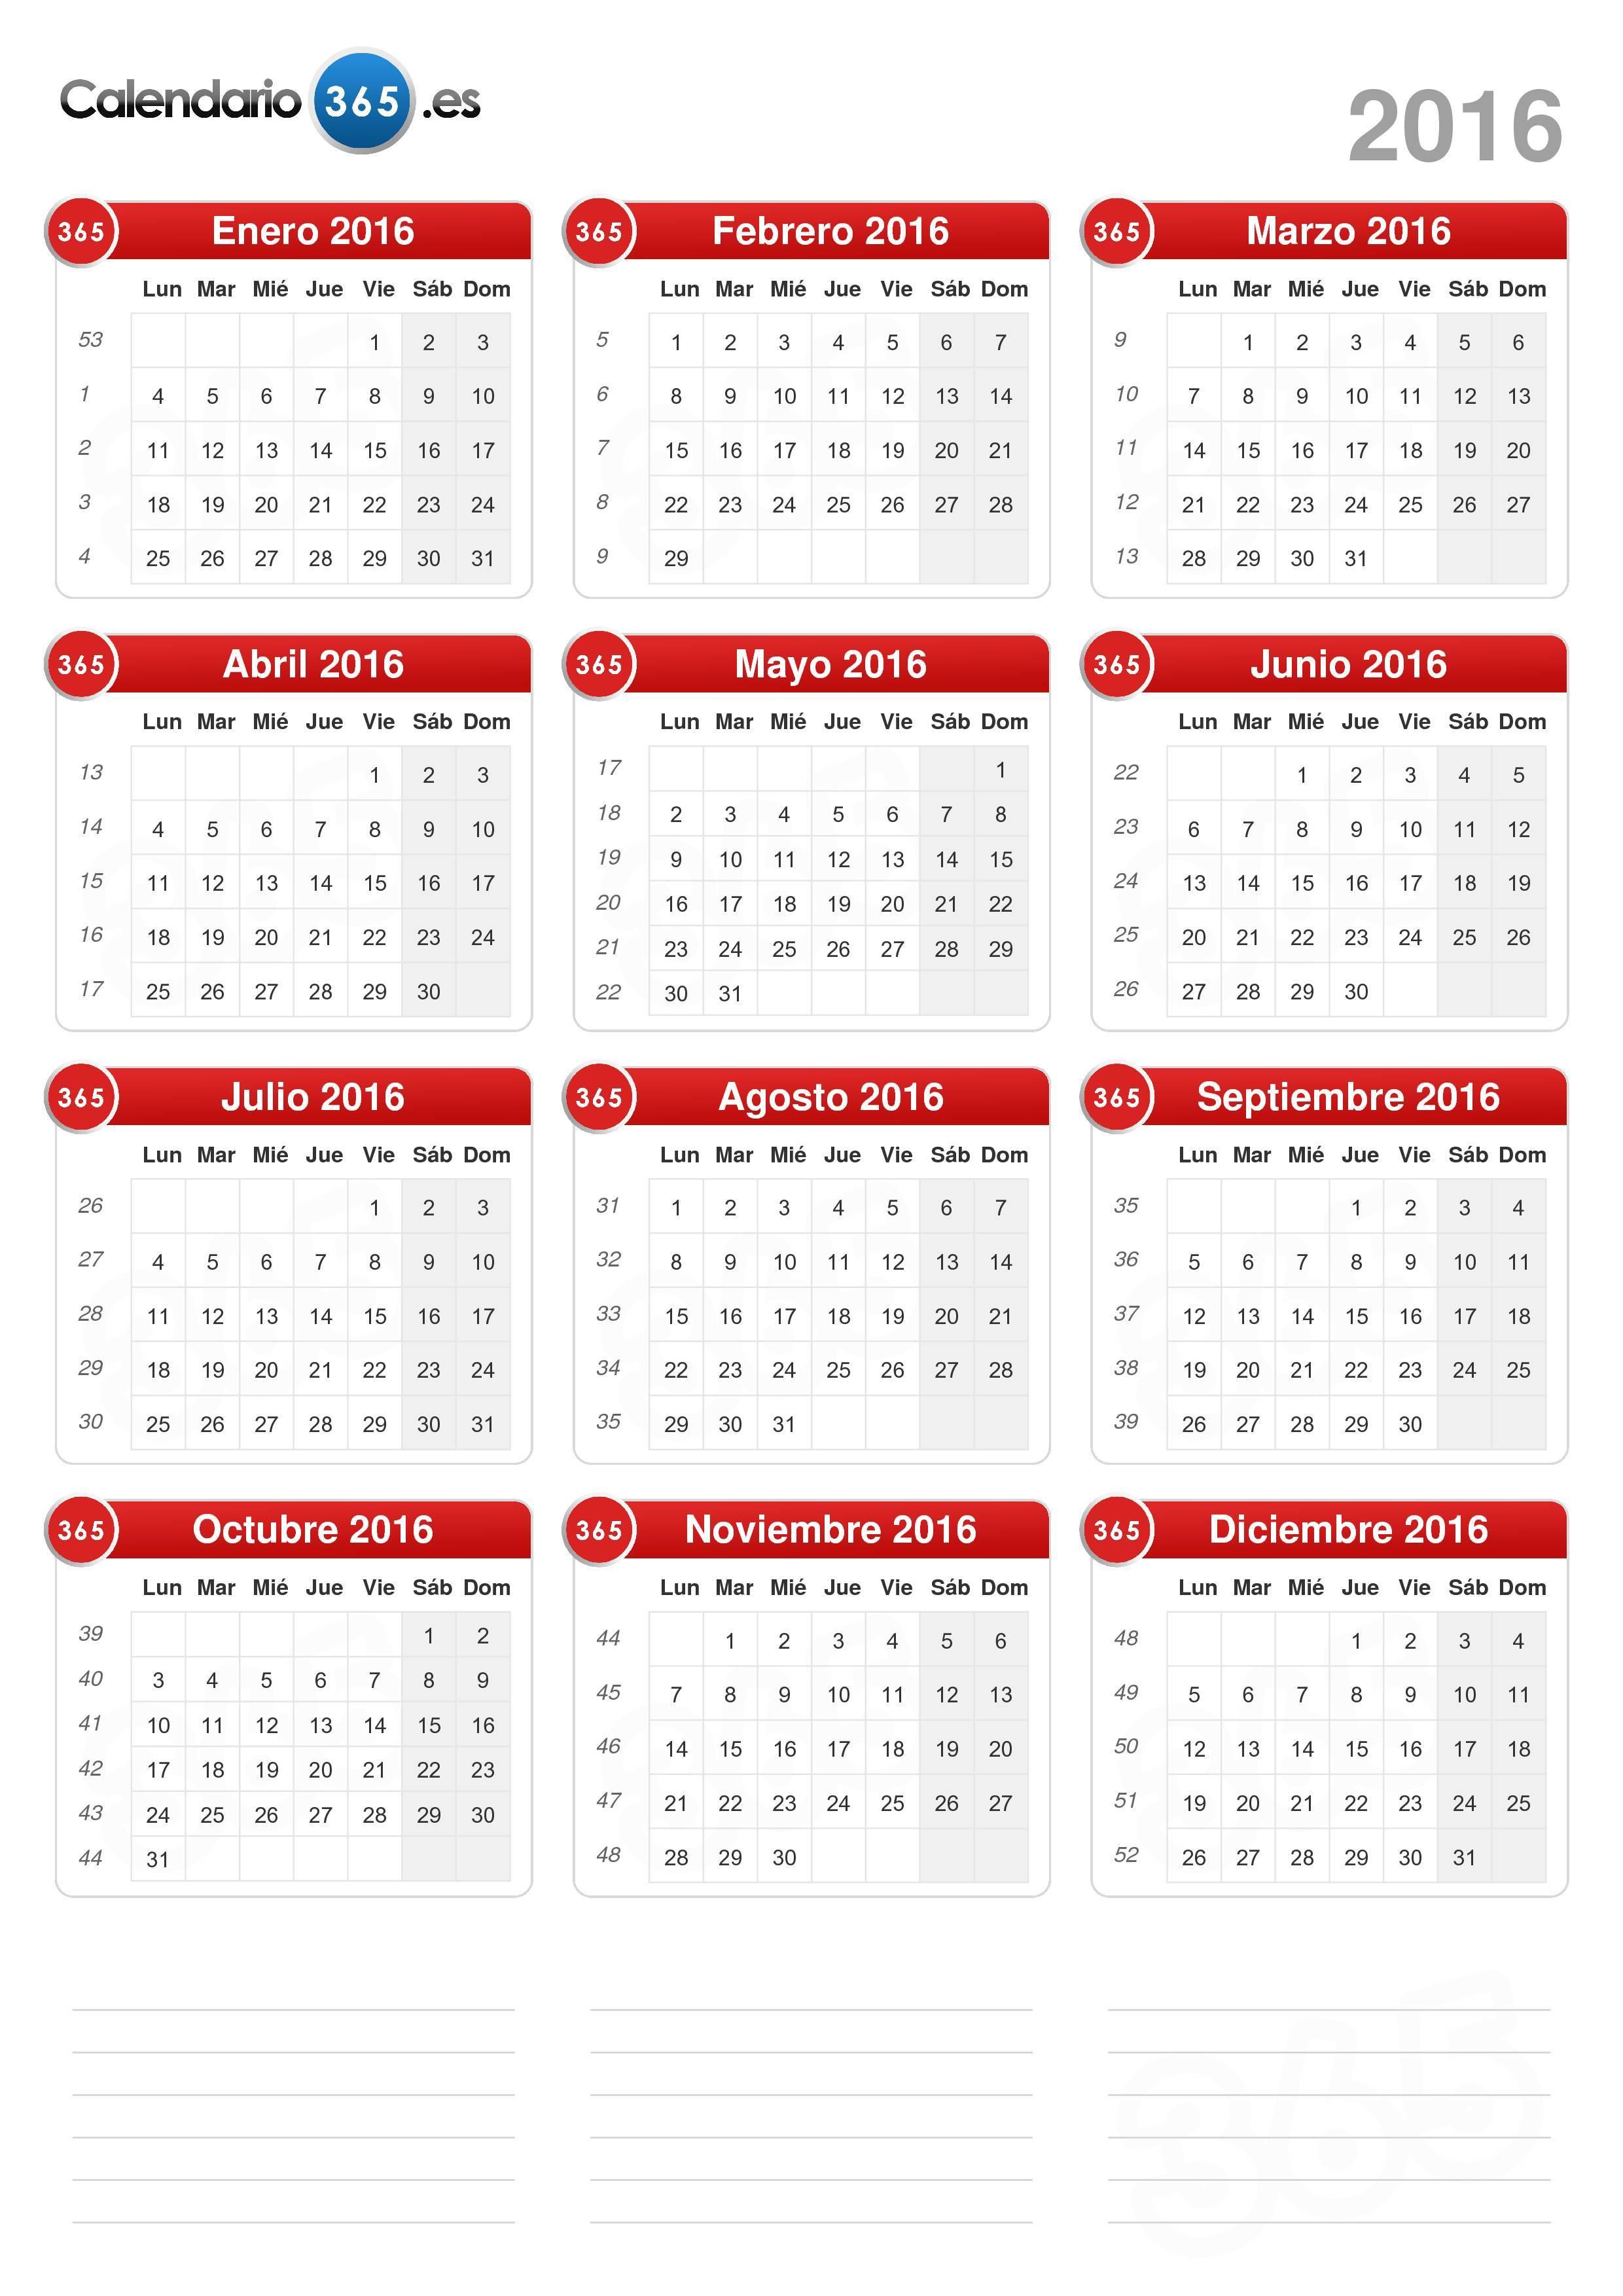 2016 calendário meses